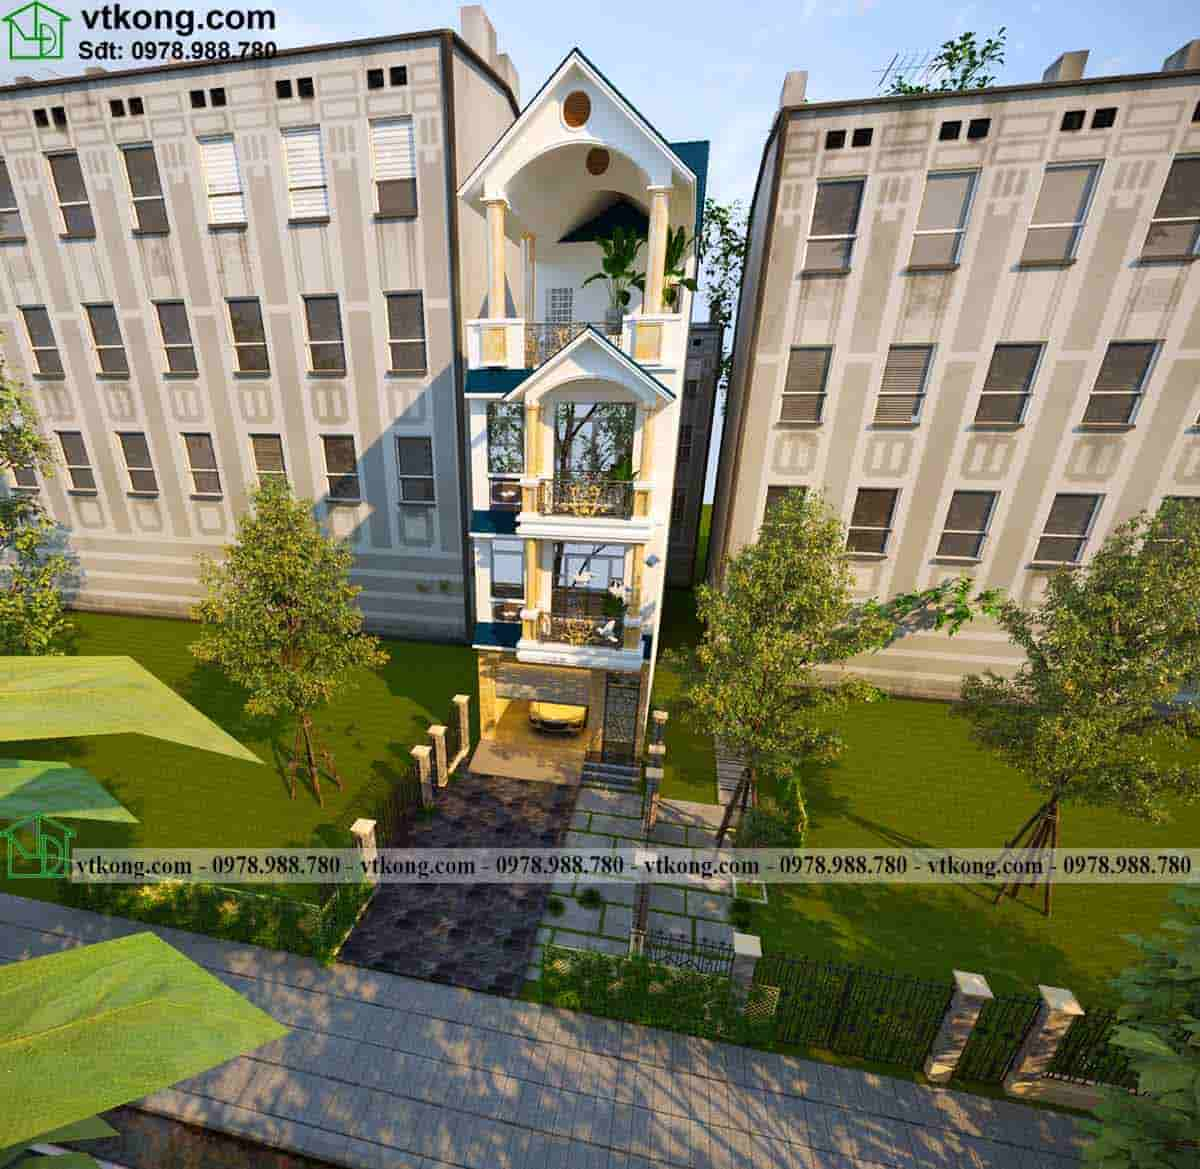 Hình ảnh 3D mẫu thiết kế nhà ống 3 tầng 1 tum NP3T016